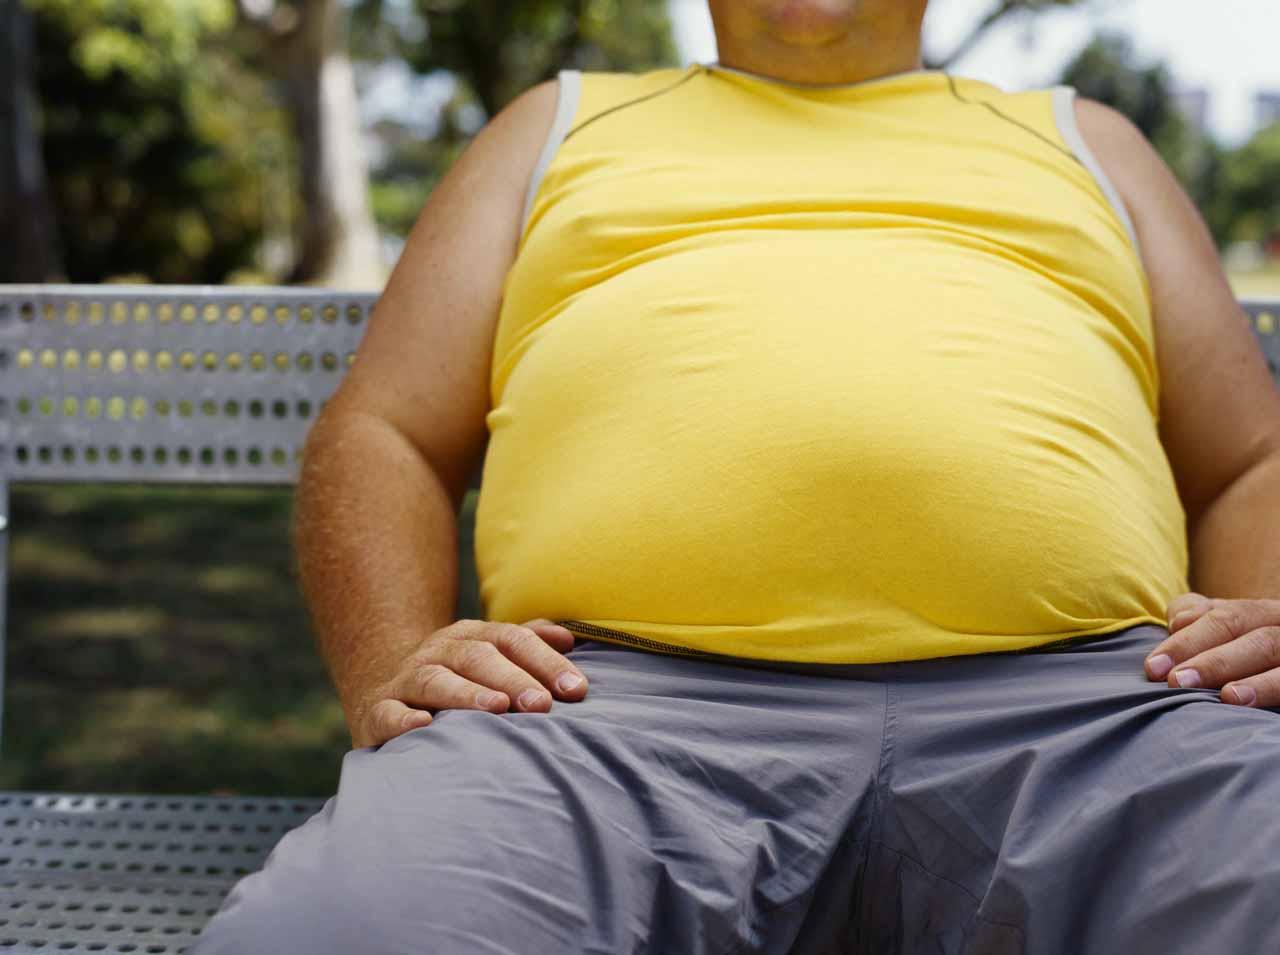 چاقی سریع با این عوامل